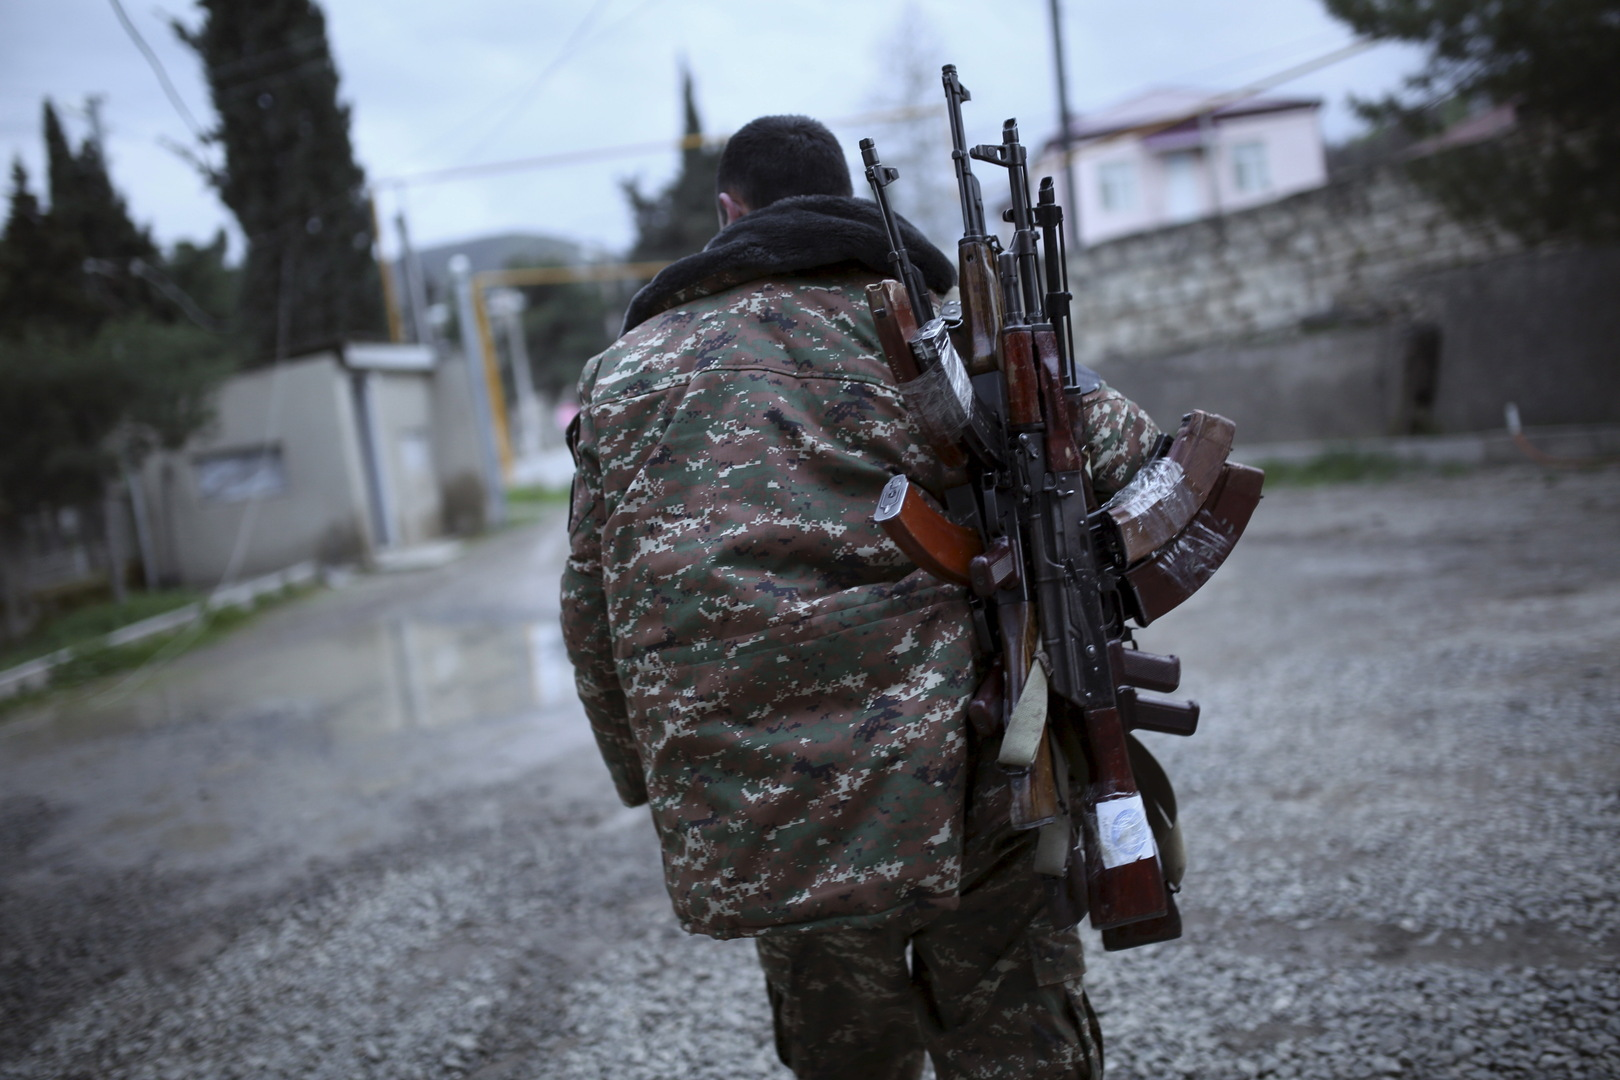 الخارجية الروسية لا تستبعد خطر تسلل مرتزقة سوريين وليبيين من قره باغ إلى روسيا